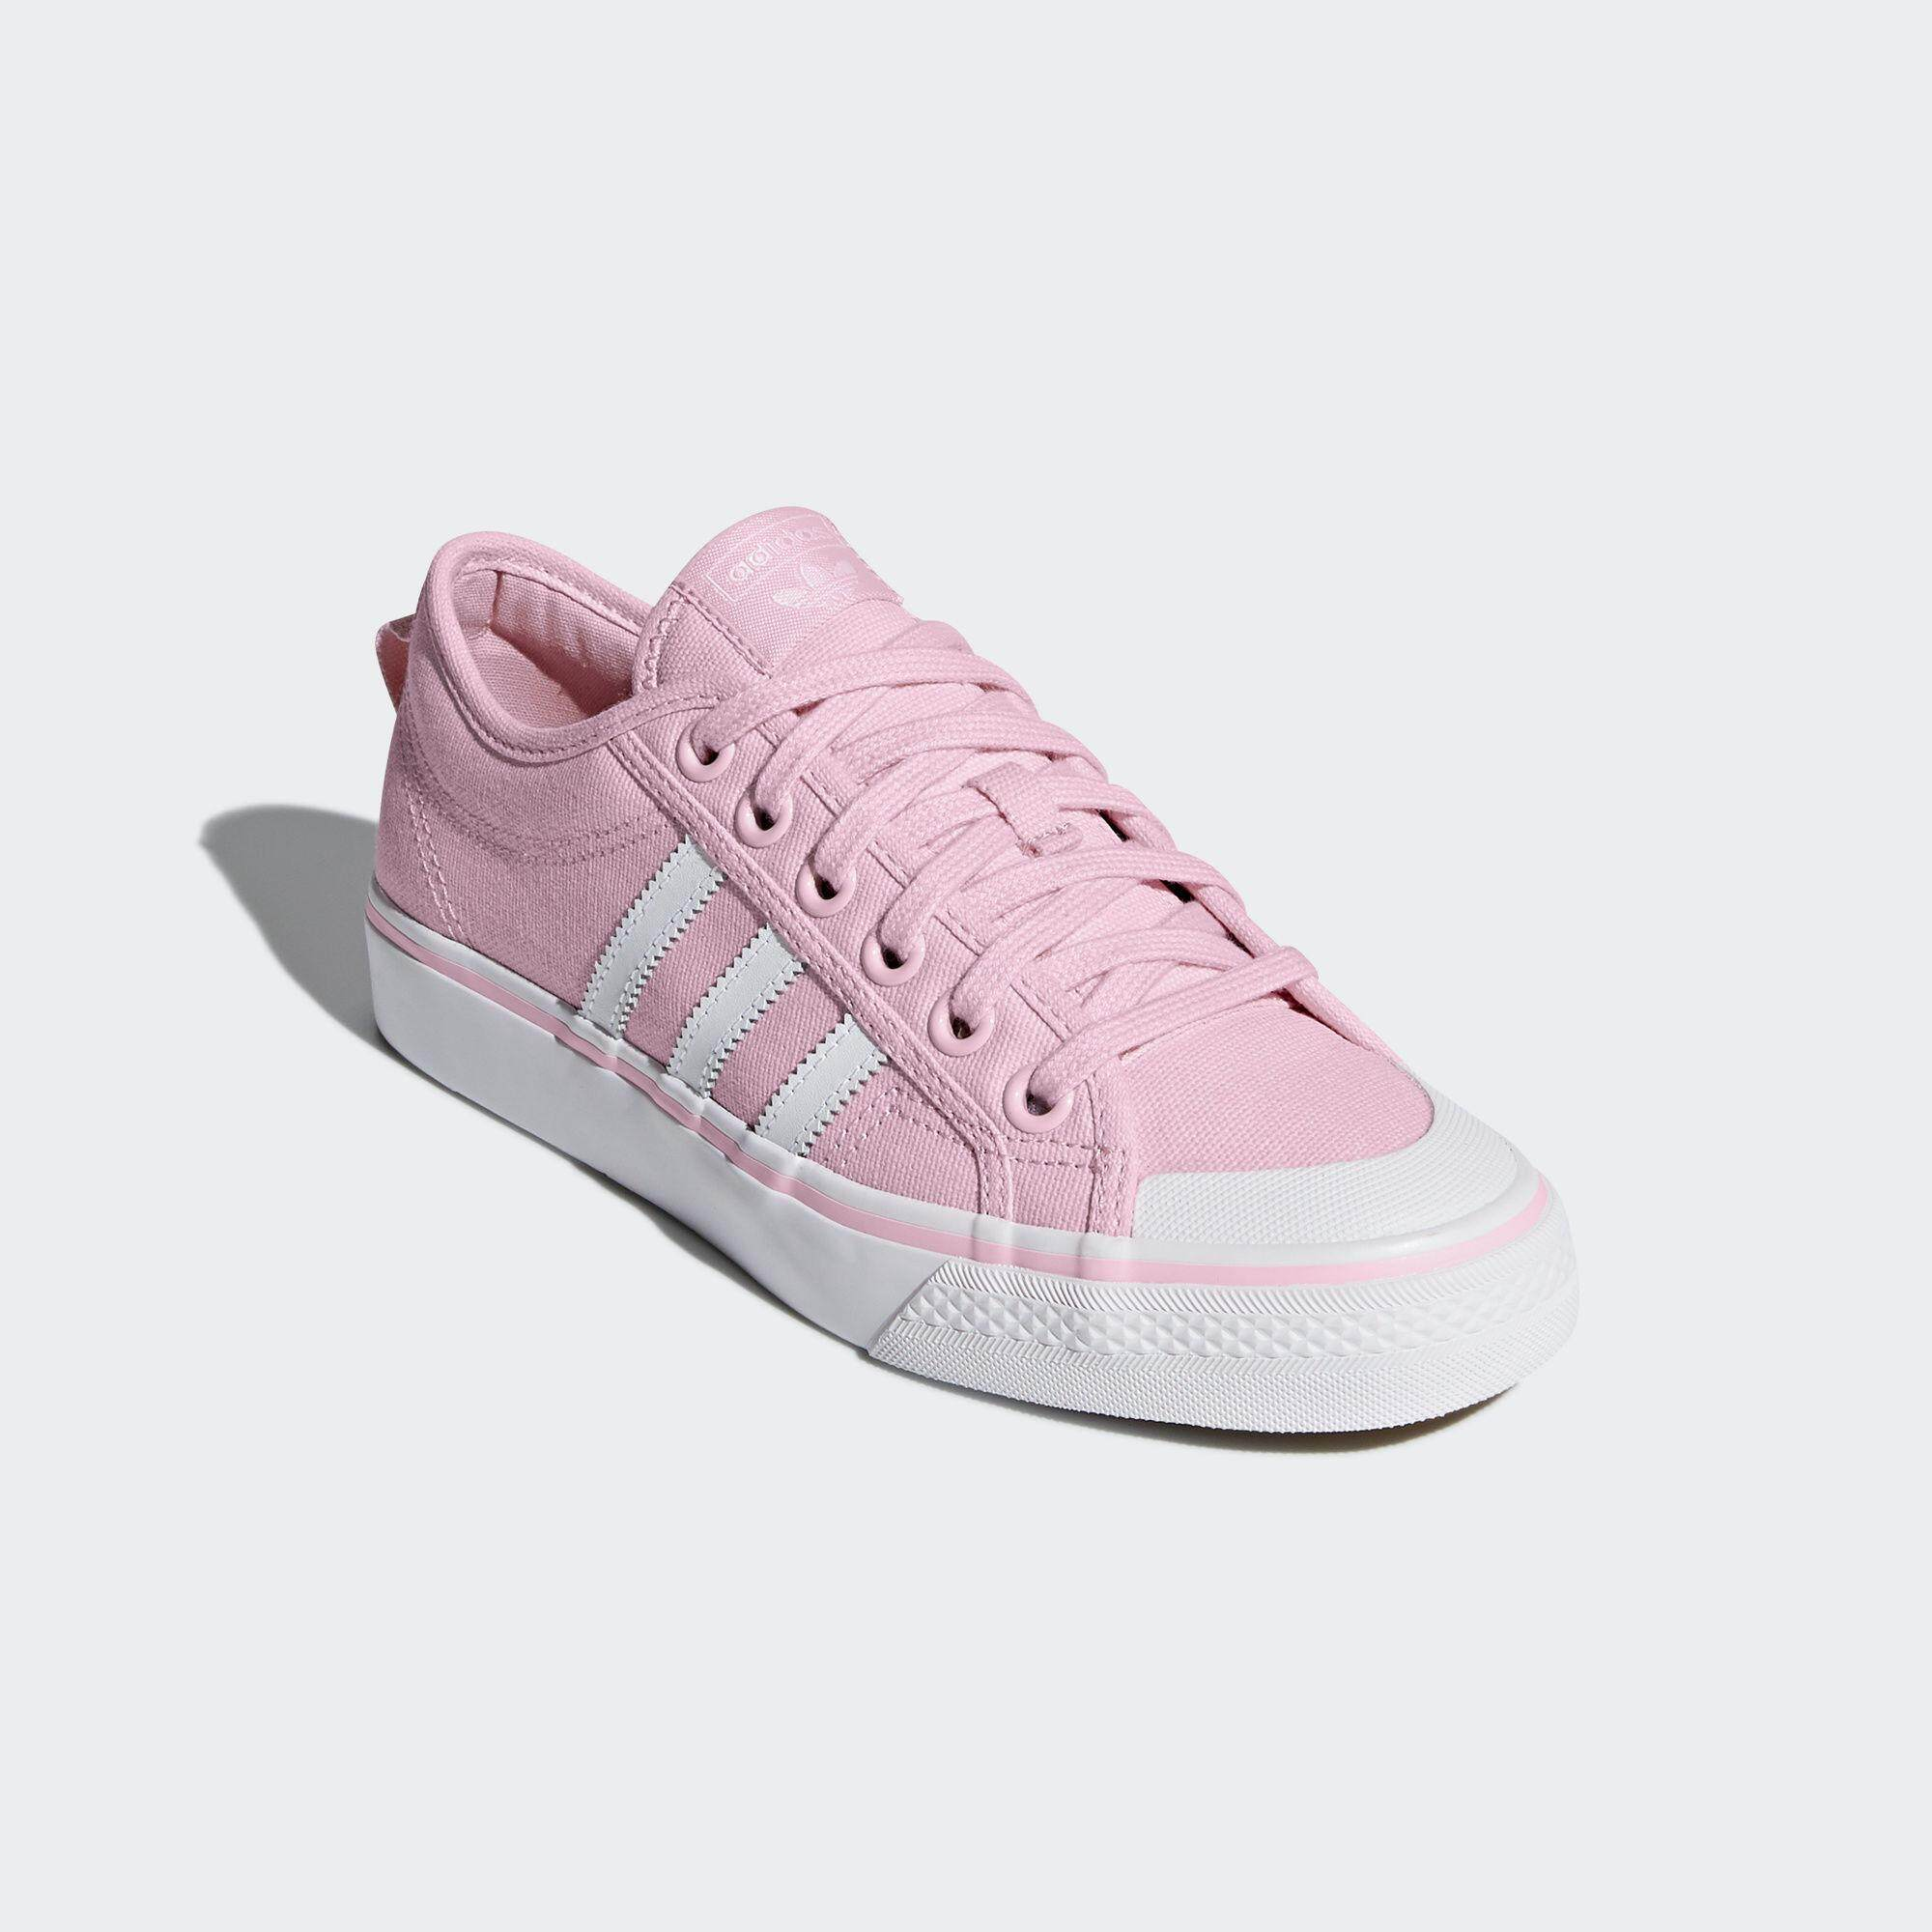 เก็บเงินปลายทางได้ รองเท้าผ้าใบอดิดาส Adidas รองเท้ากีฬา ผู้หญิง อาดิดาส Women Shoe Nizza Sakura Pink รุ่นฮอตสาว Tokyo นุ่มเบา ใส่สบาย ++ลิขสิทธิ์แท้จาก Adidas ส่งไวด้วย kerry++